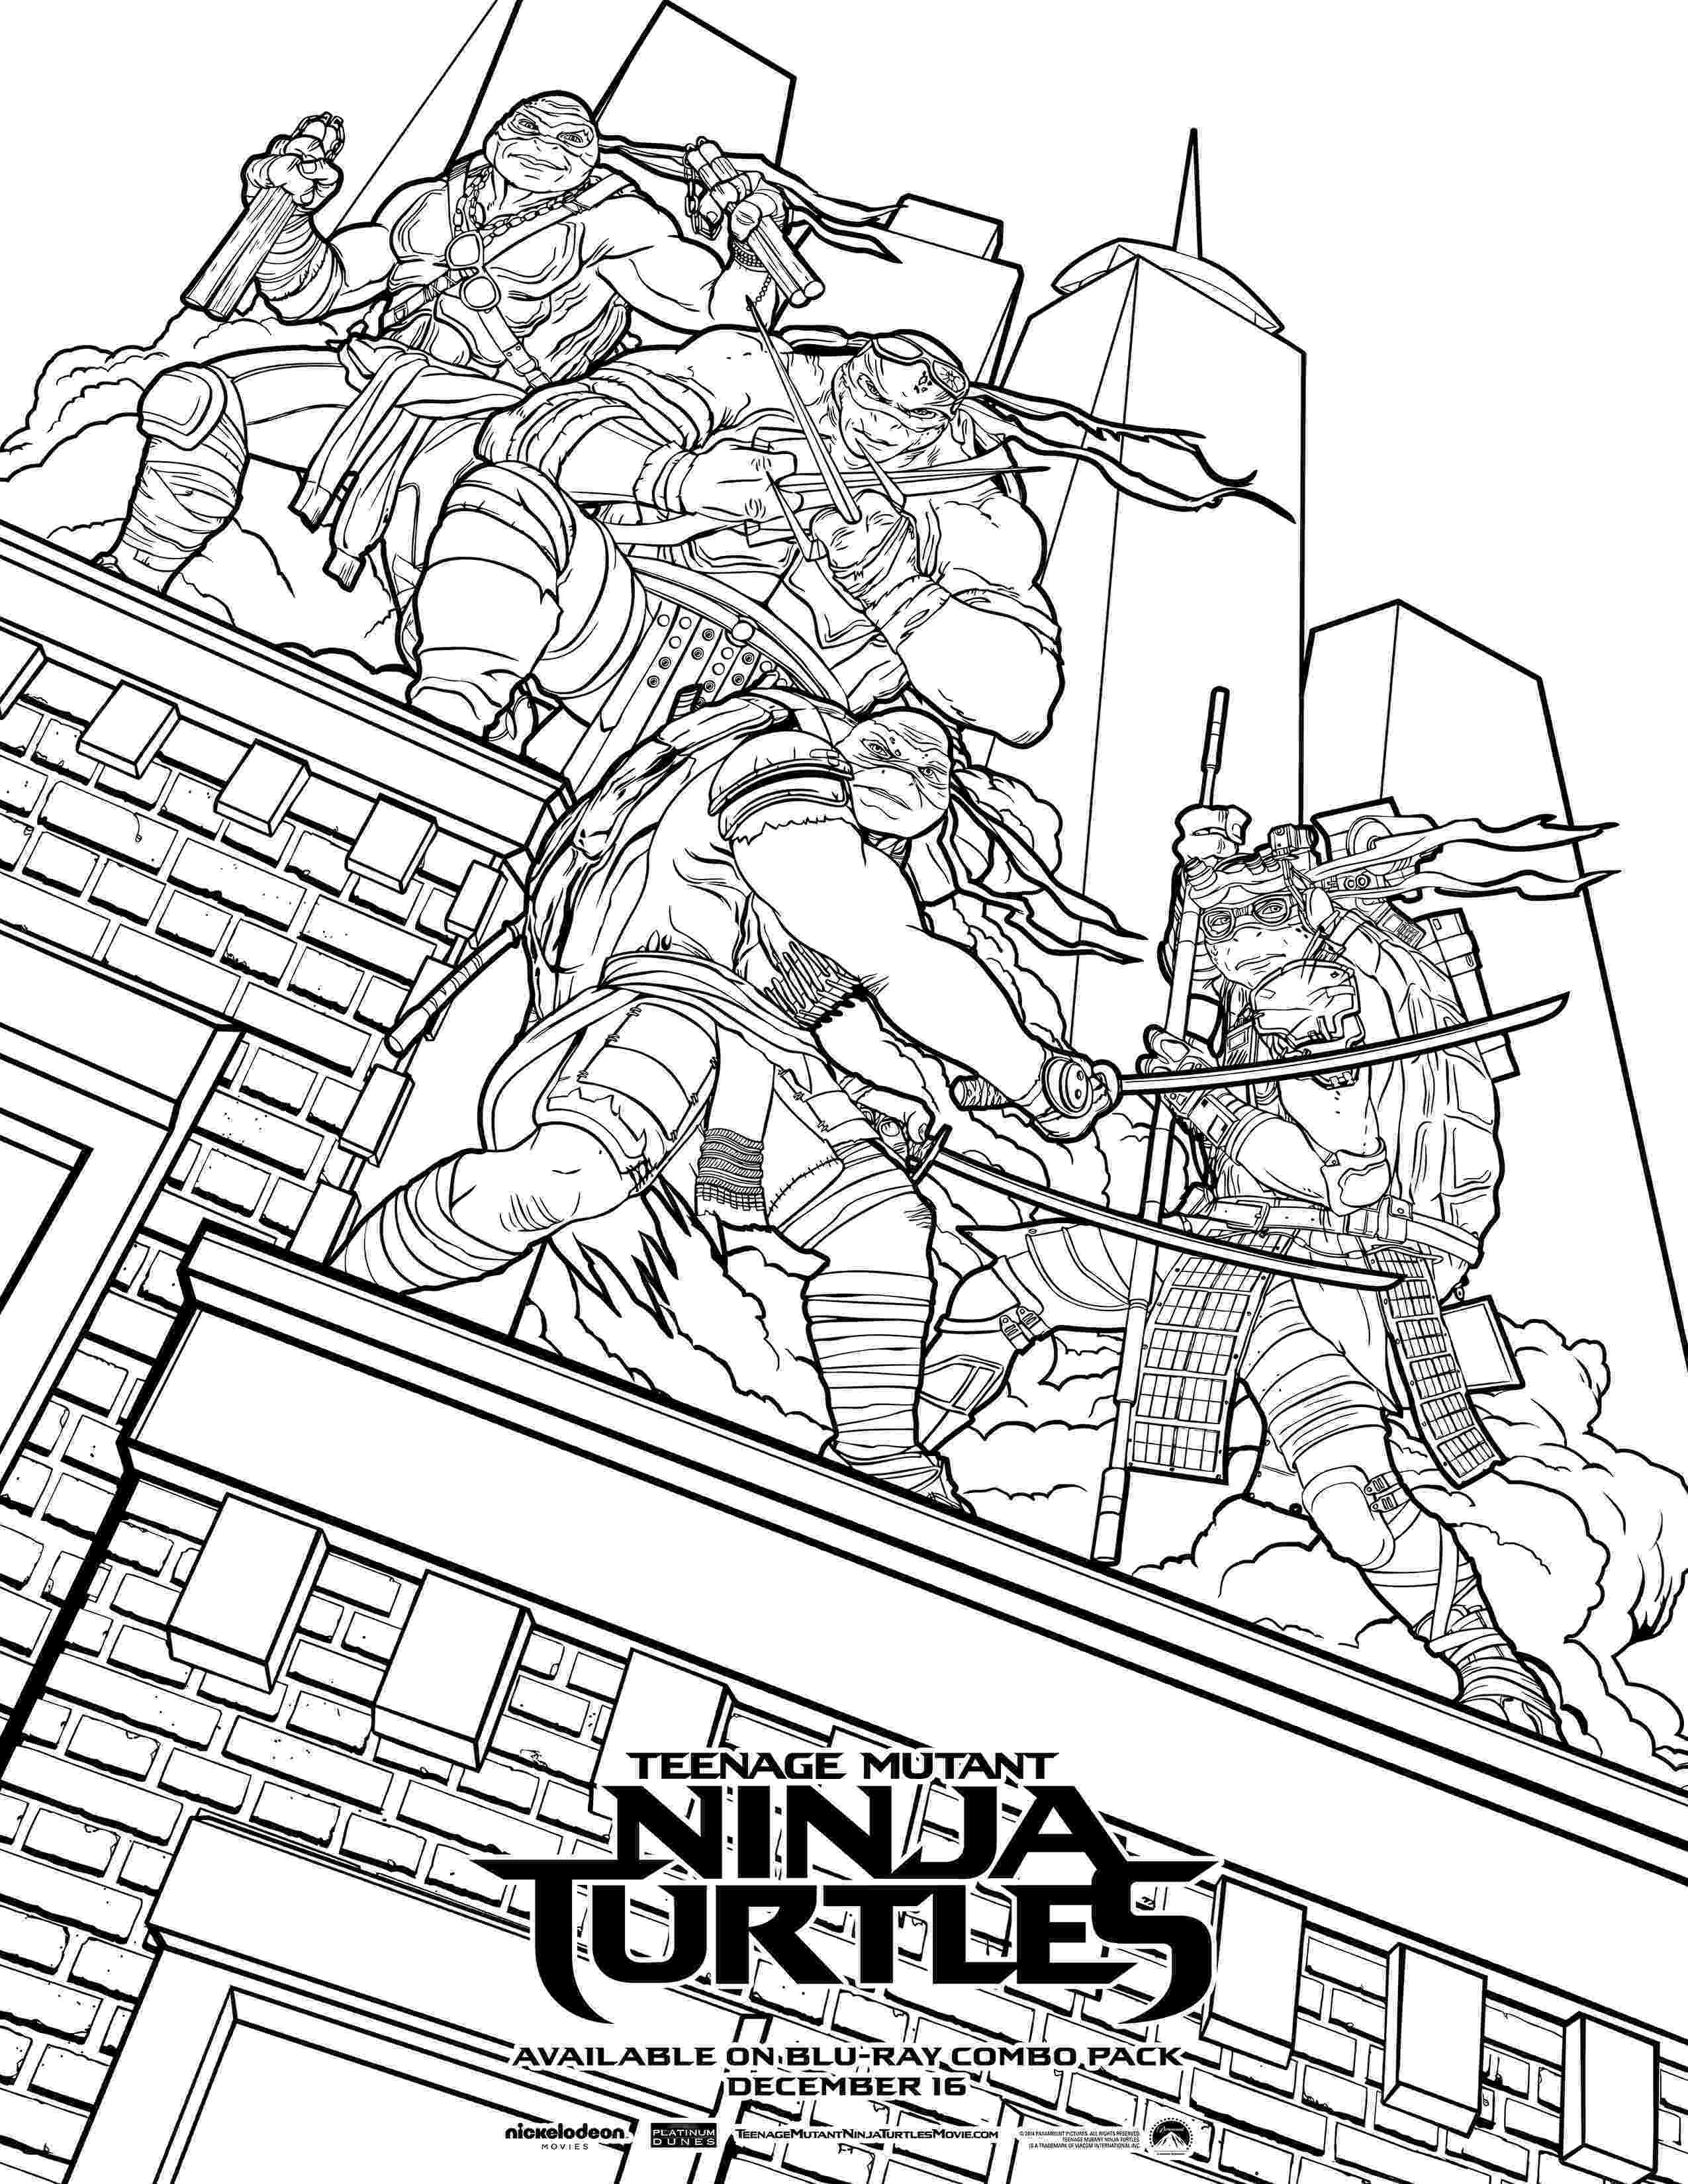 ninja turtles pictures to color ninja turtle leonardo coloring page coloring home color pictures to turtles ninja